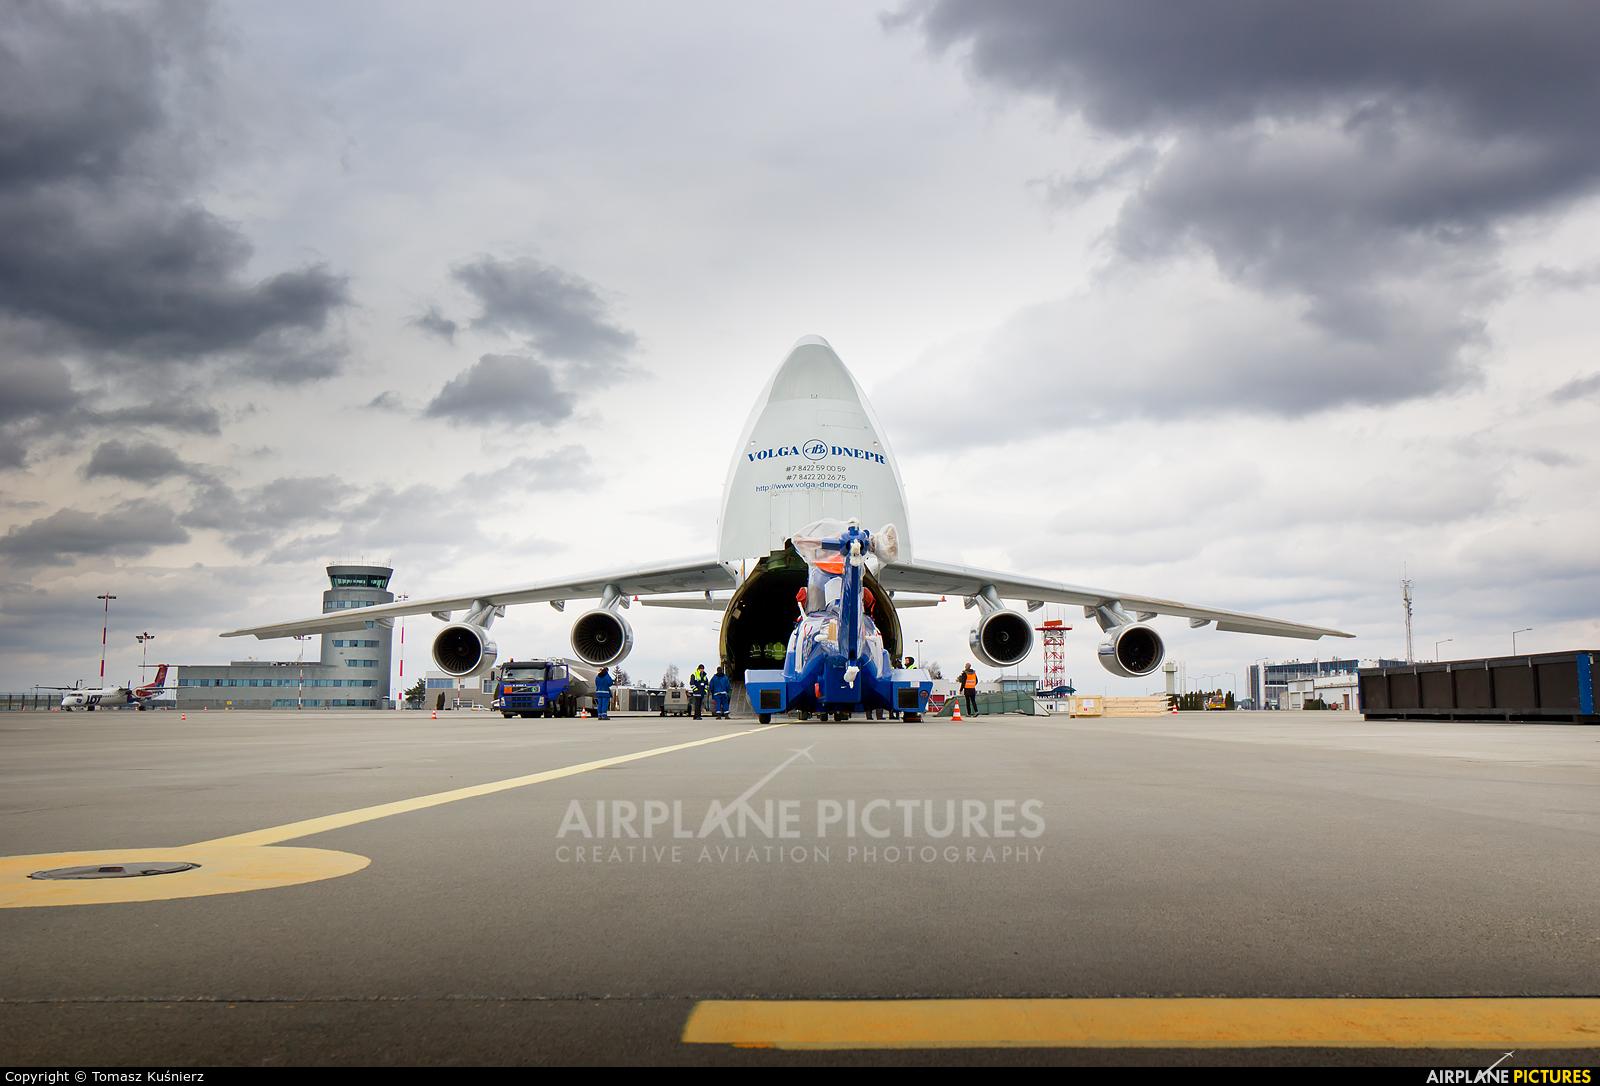 Volga Dnepr Airlines RA-82047 aircraft at Rzeszów-Jasionka